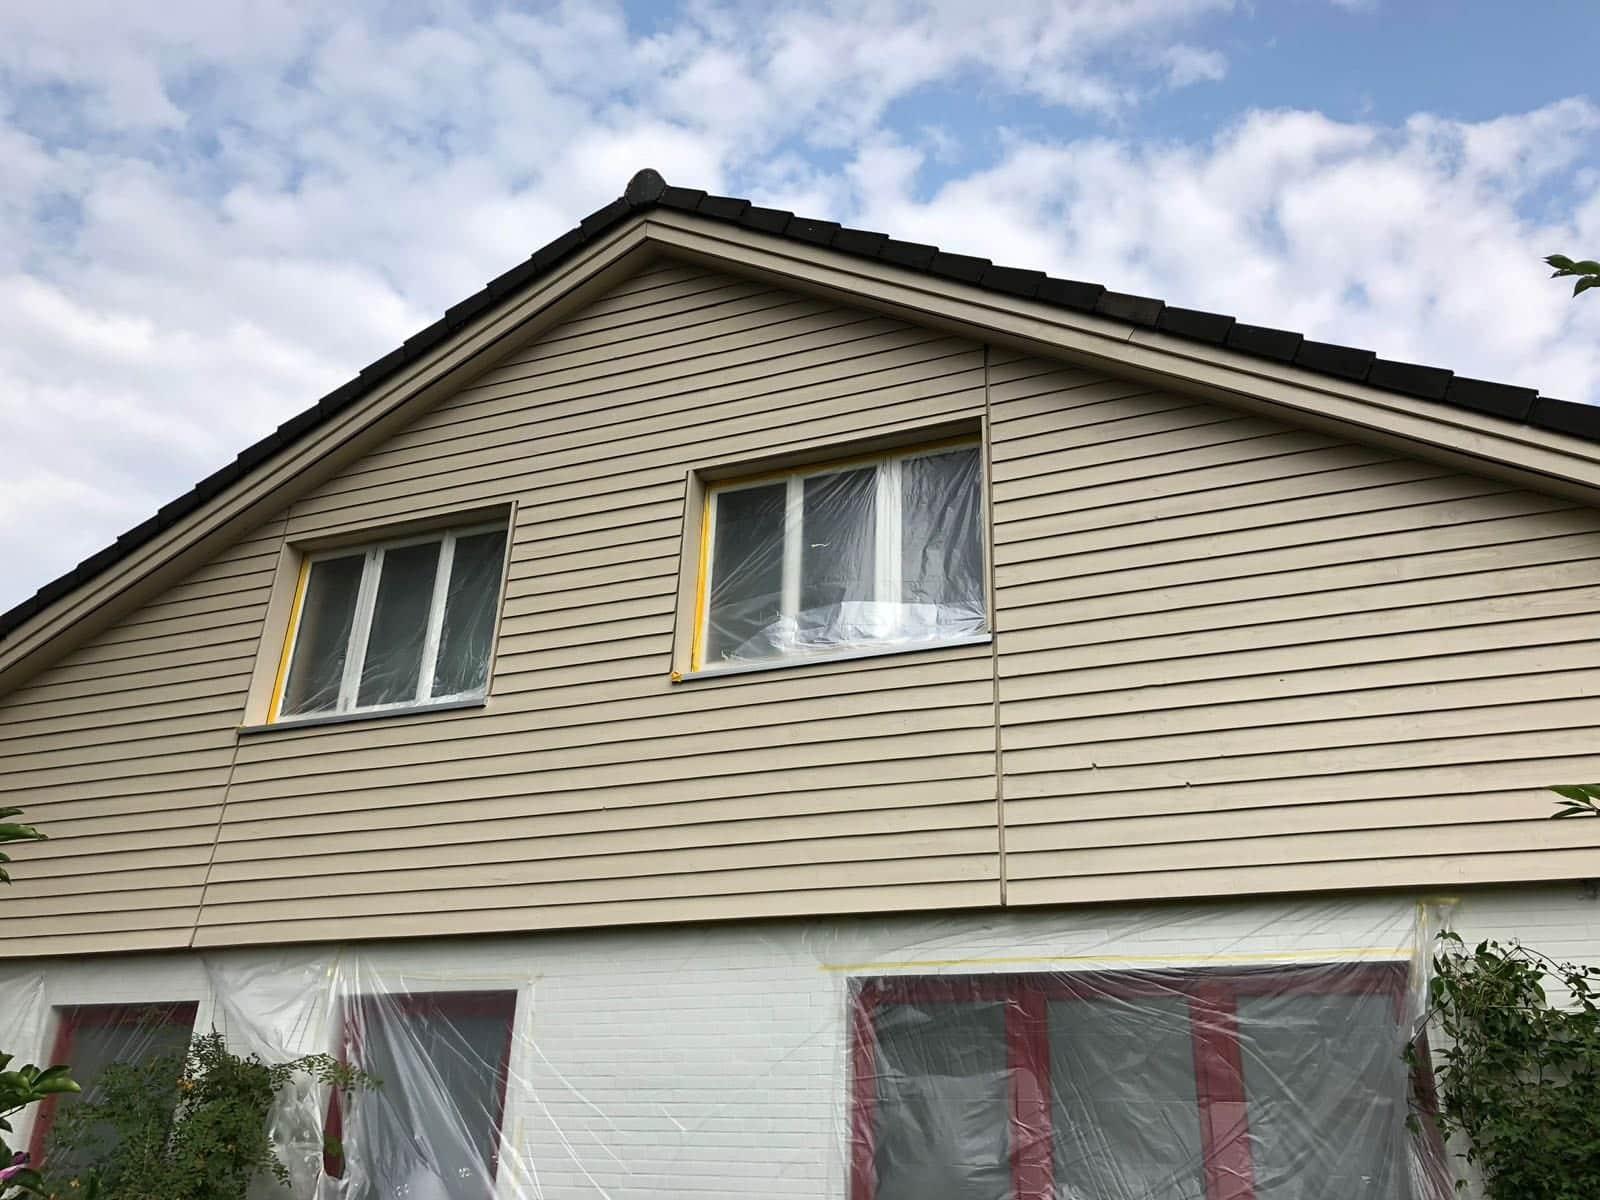 Super Fassadenanstriche - Preise & Kosten pro qm - Malermeister aus Hamburg CF89